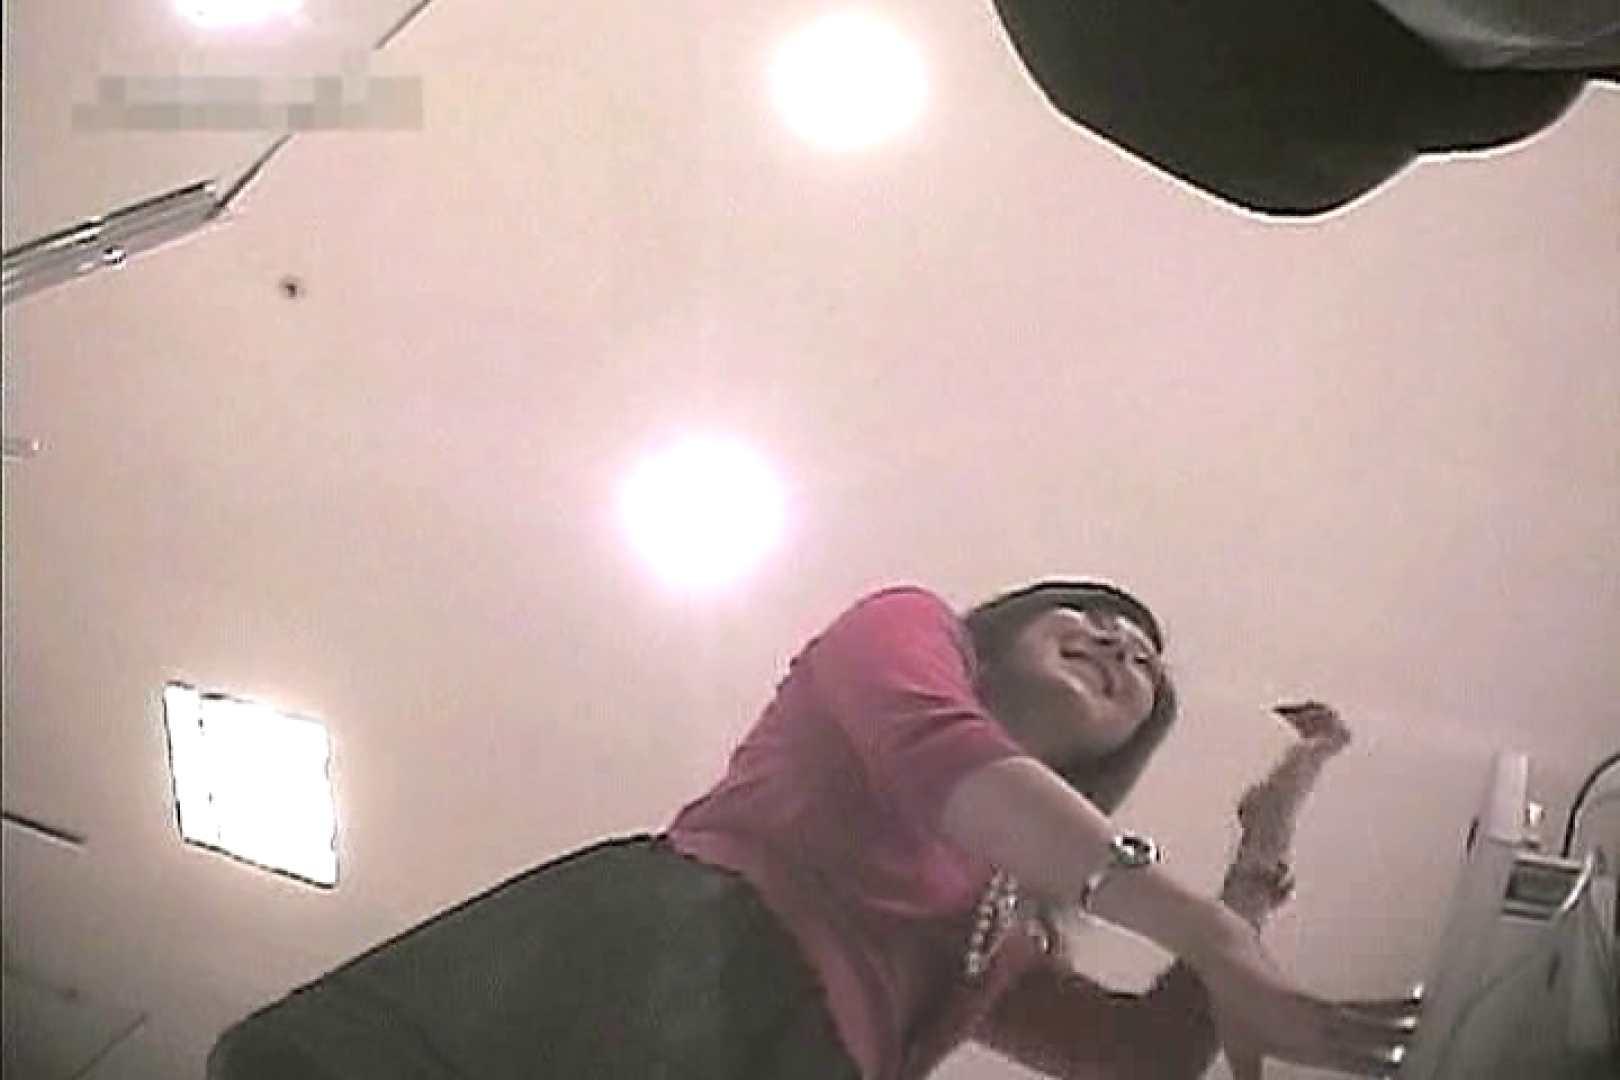 ショップ店員のパンチラアクシデント Vol.7 新入生パンチラ ワレメ無修正動画無料 86pic 50